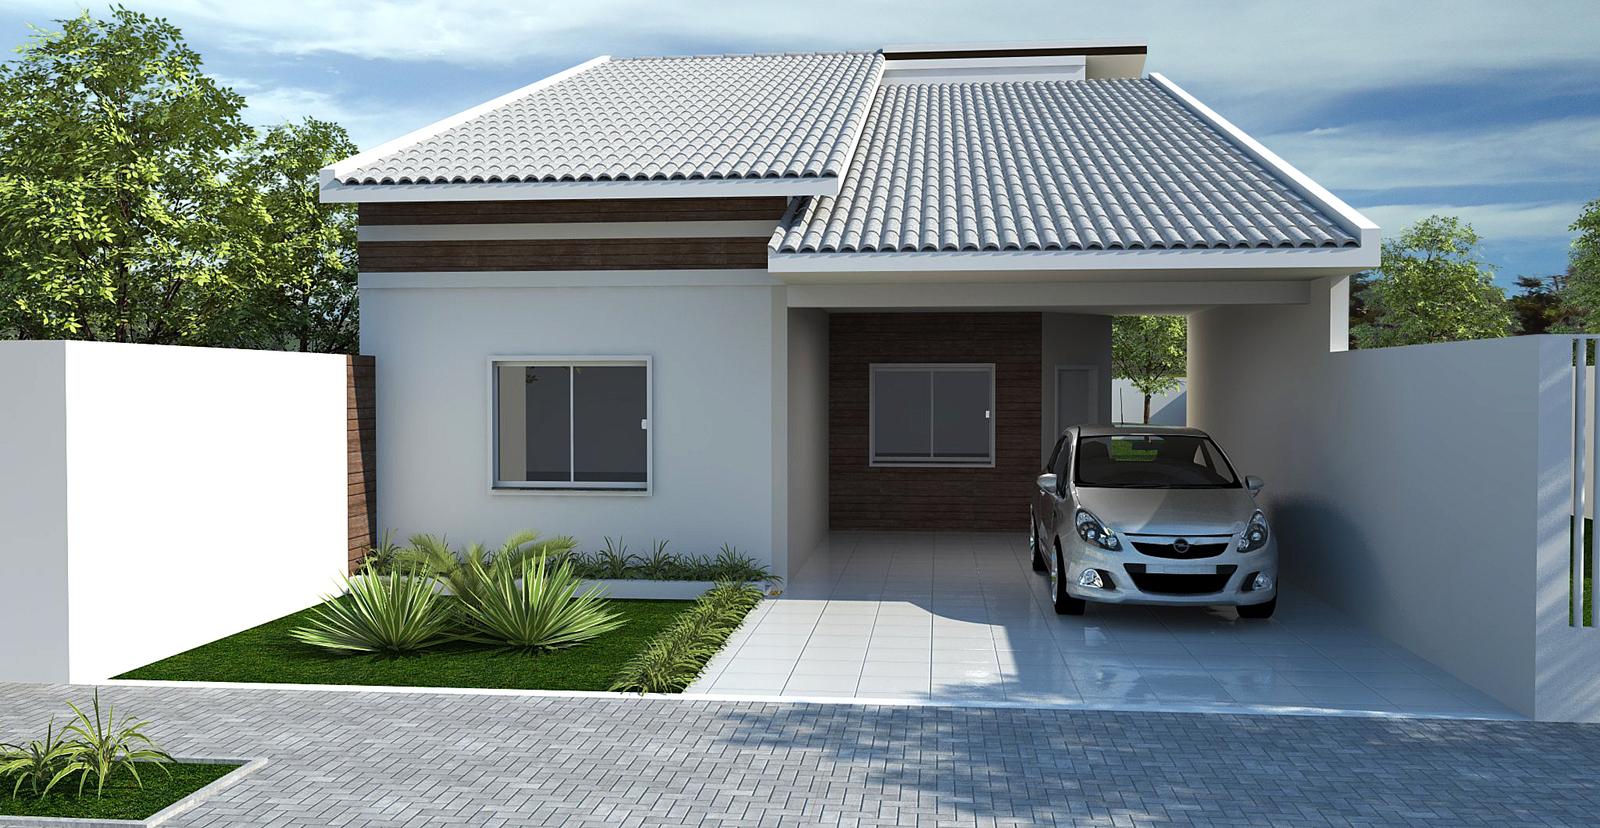 Fachadas de casas e muros veja modelos e dicas for Pisos para casas pequenas